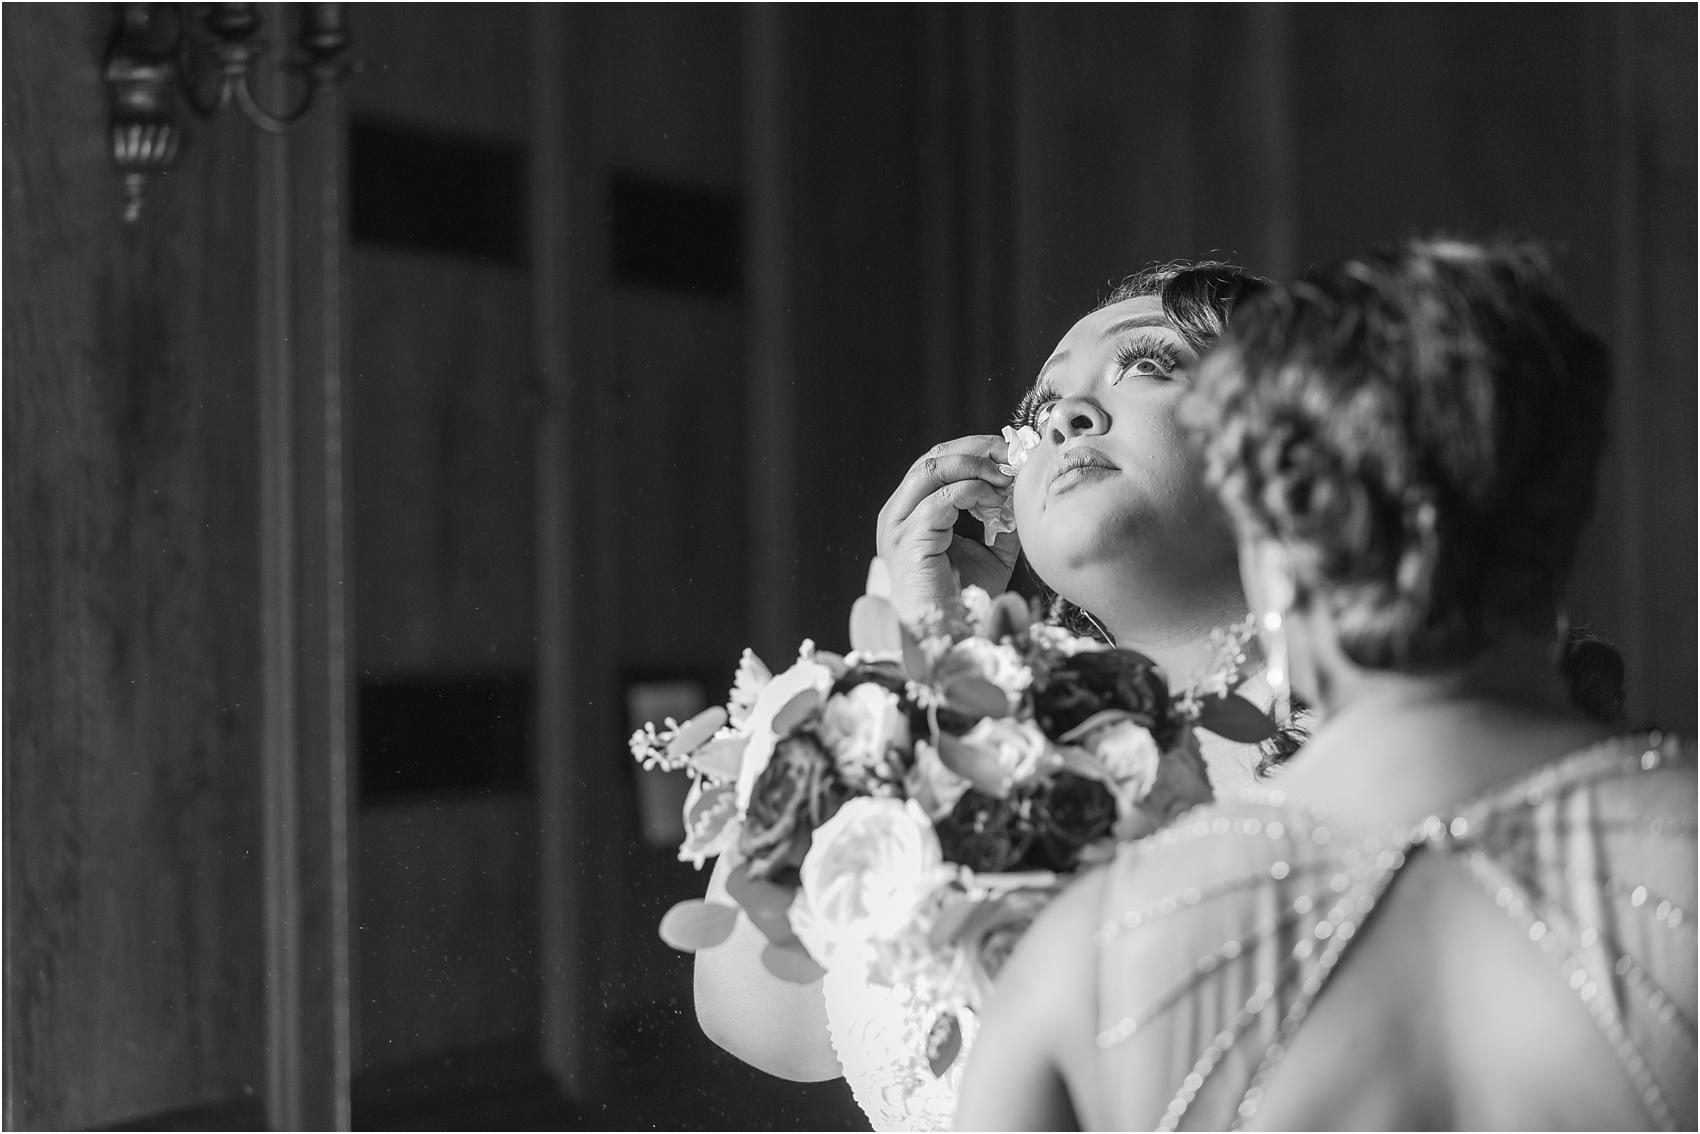 minimalist-and-modern-wedding-photos-at-30-north-saginaw-in-pontiac-michigan-by-courtney-carolyn-photography_0006.jpg